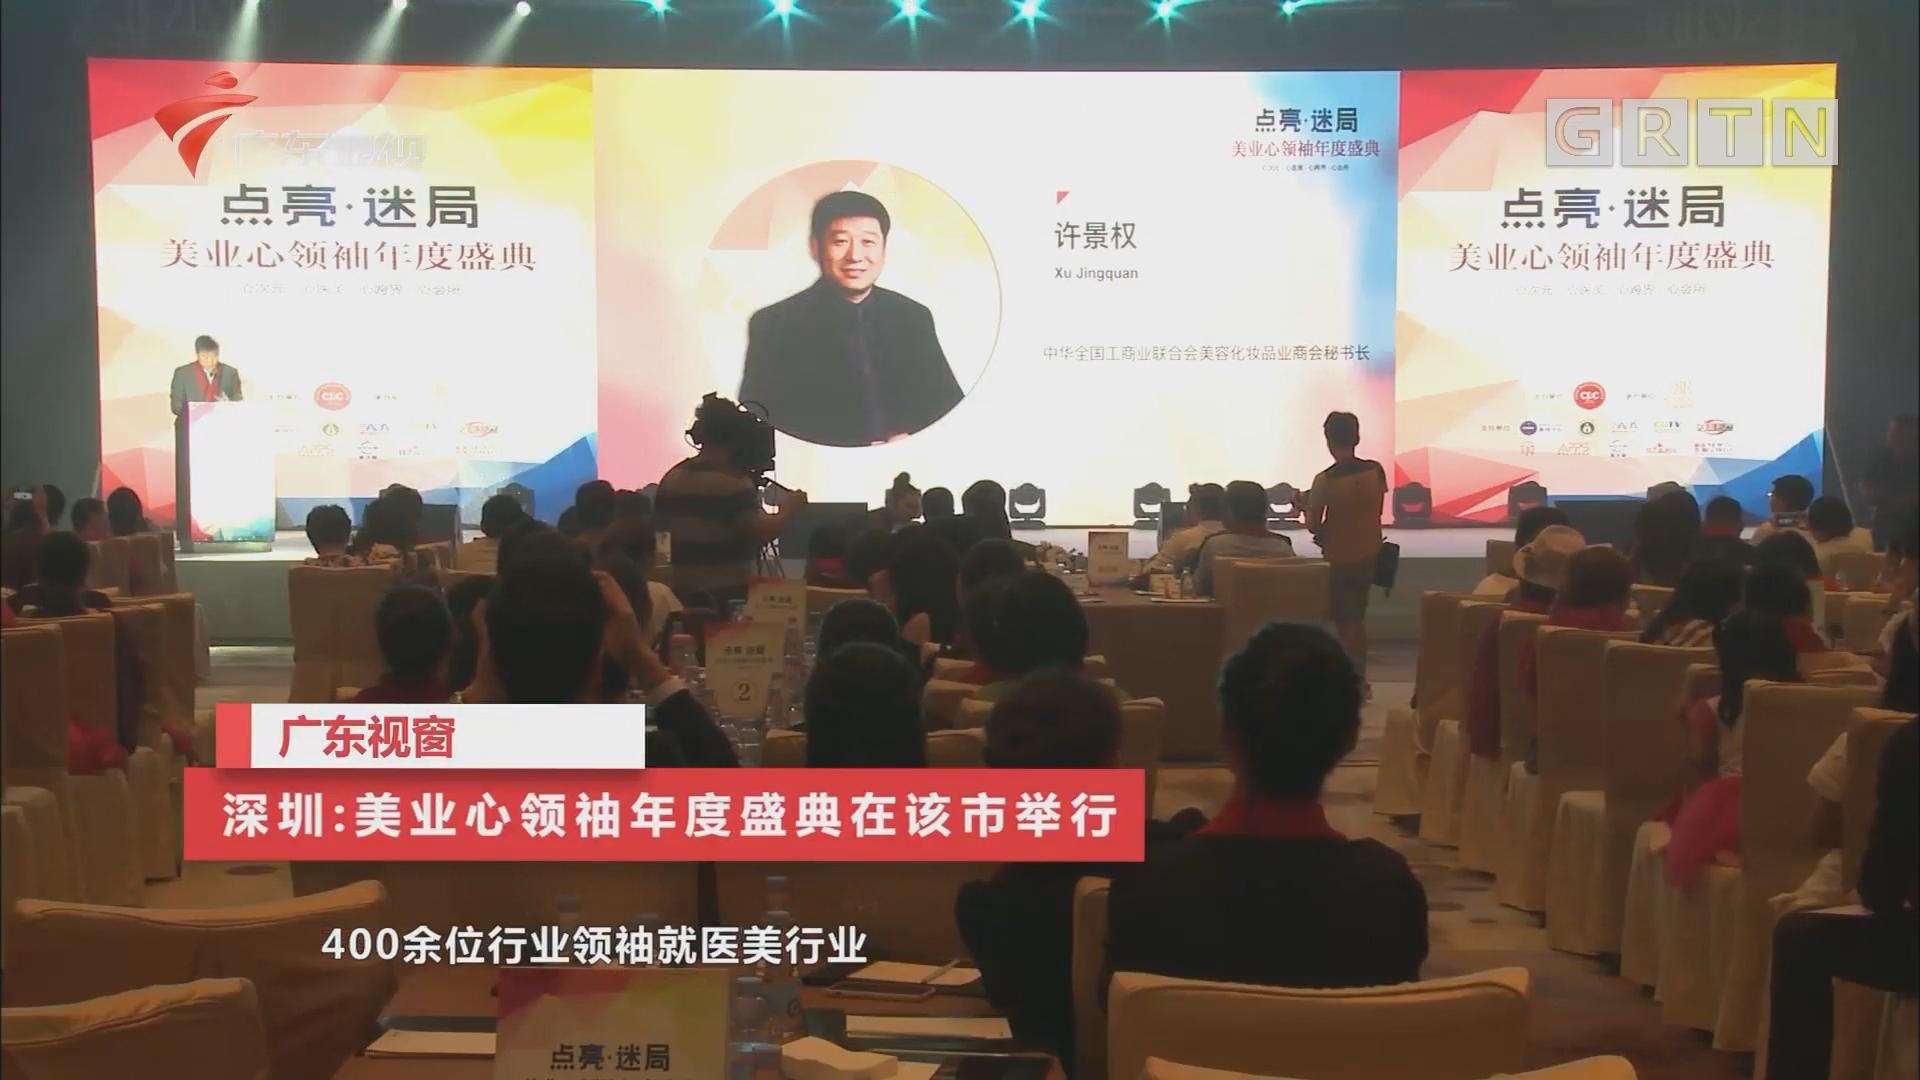 深圳:美业心领袖年度盛典在该市举行